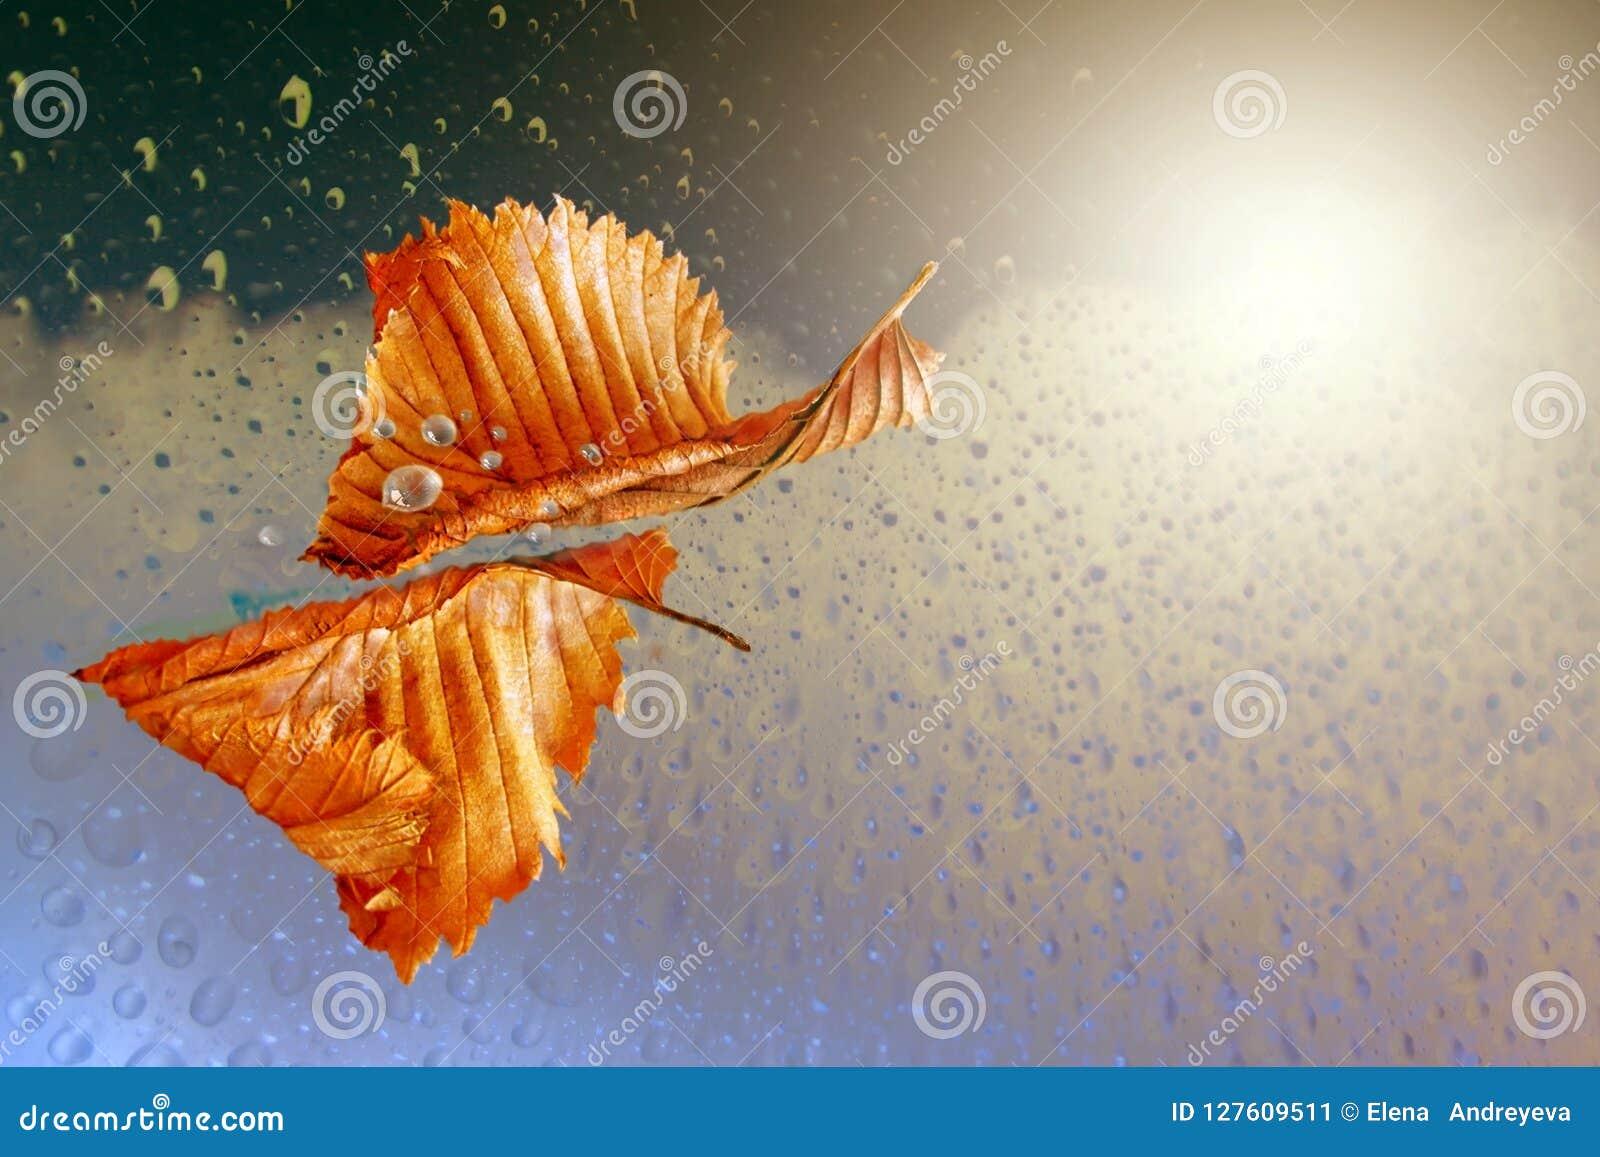 Autumn sheet tree flies in rain